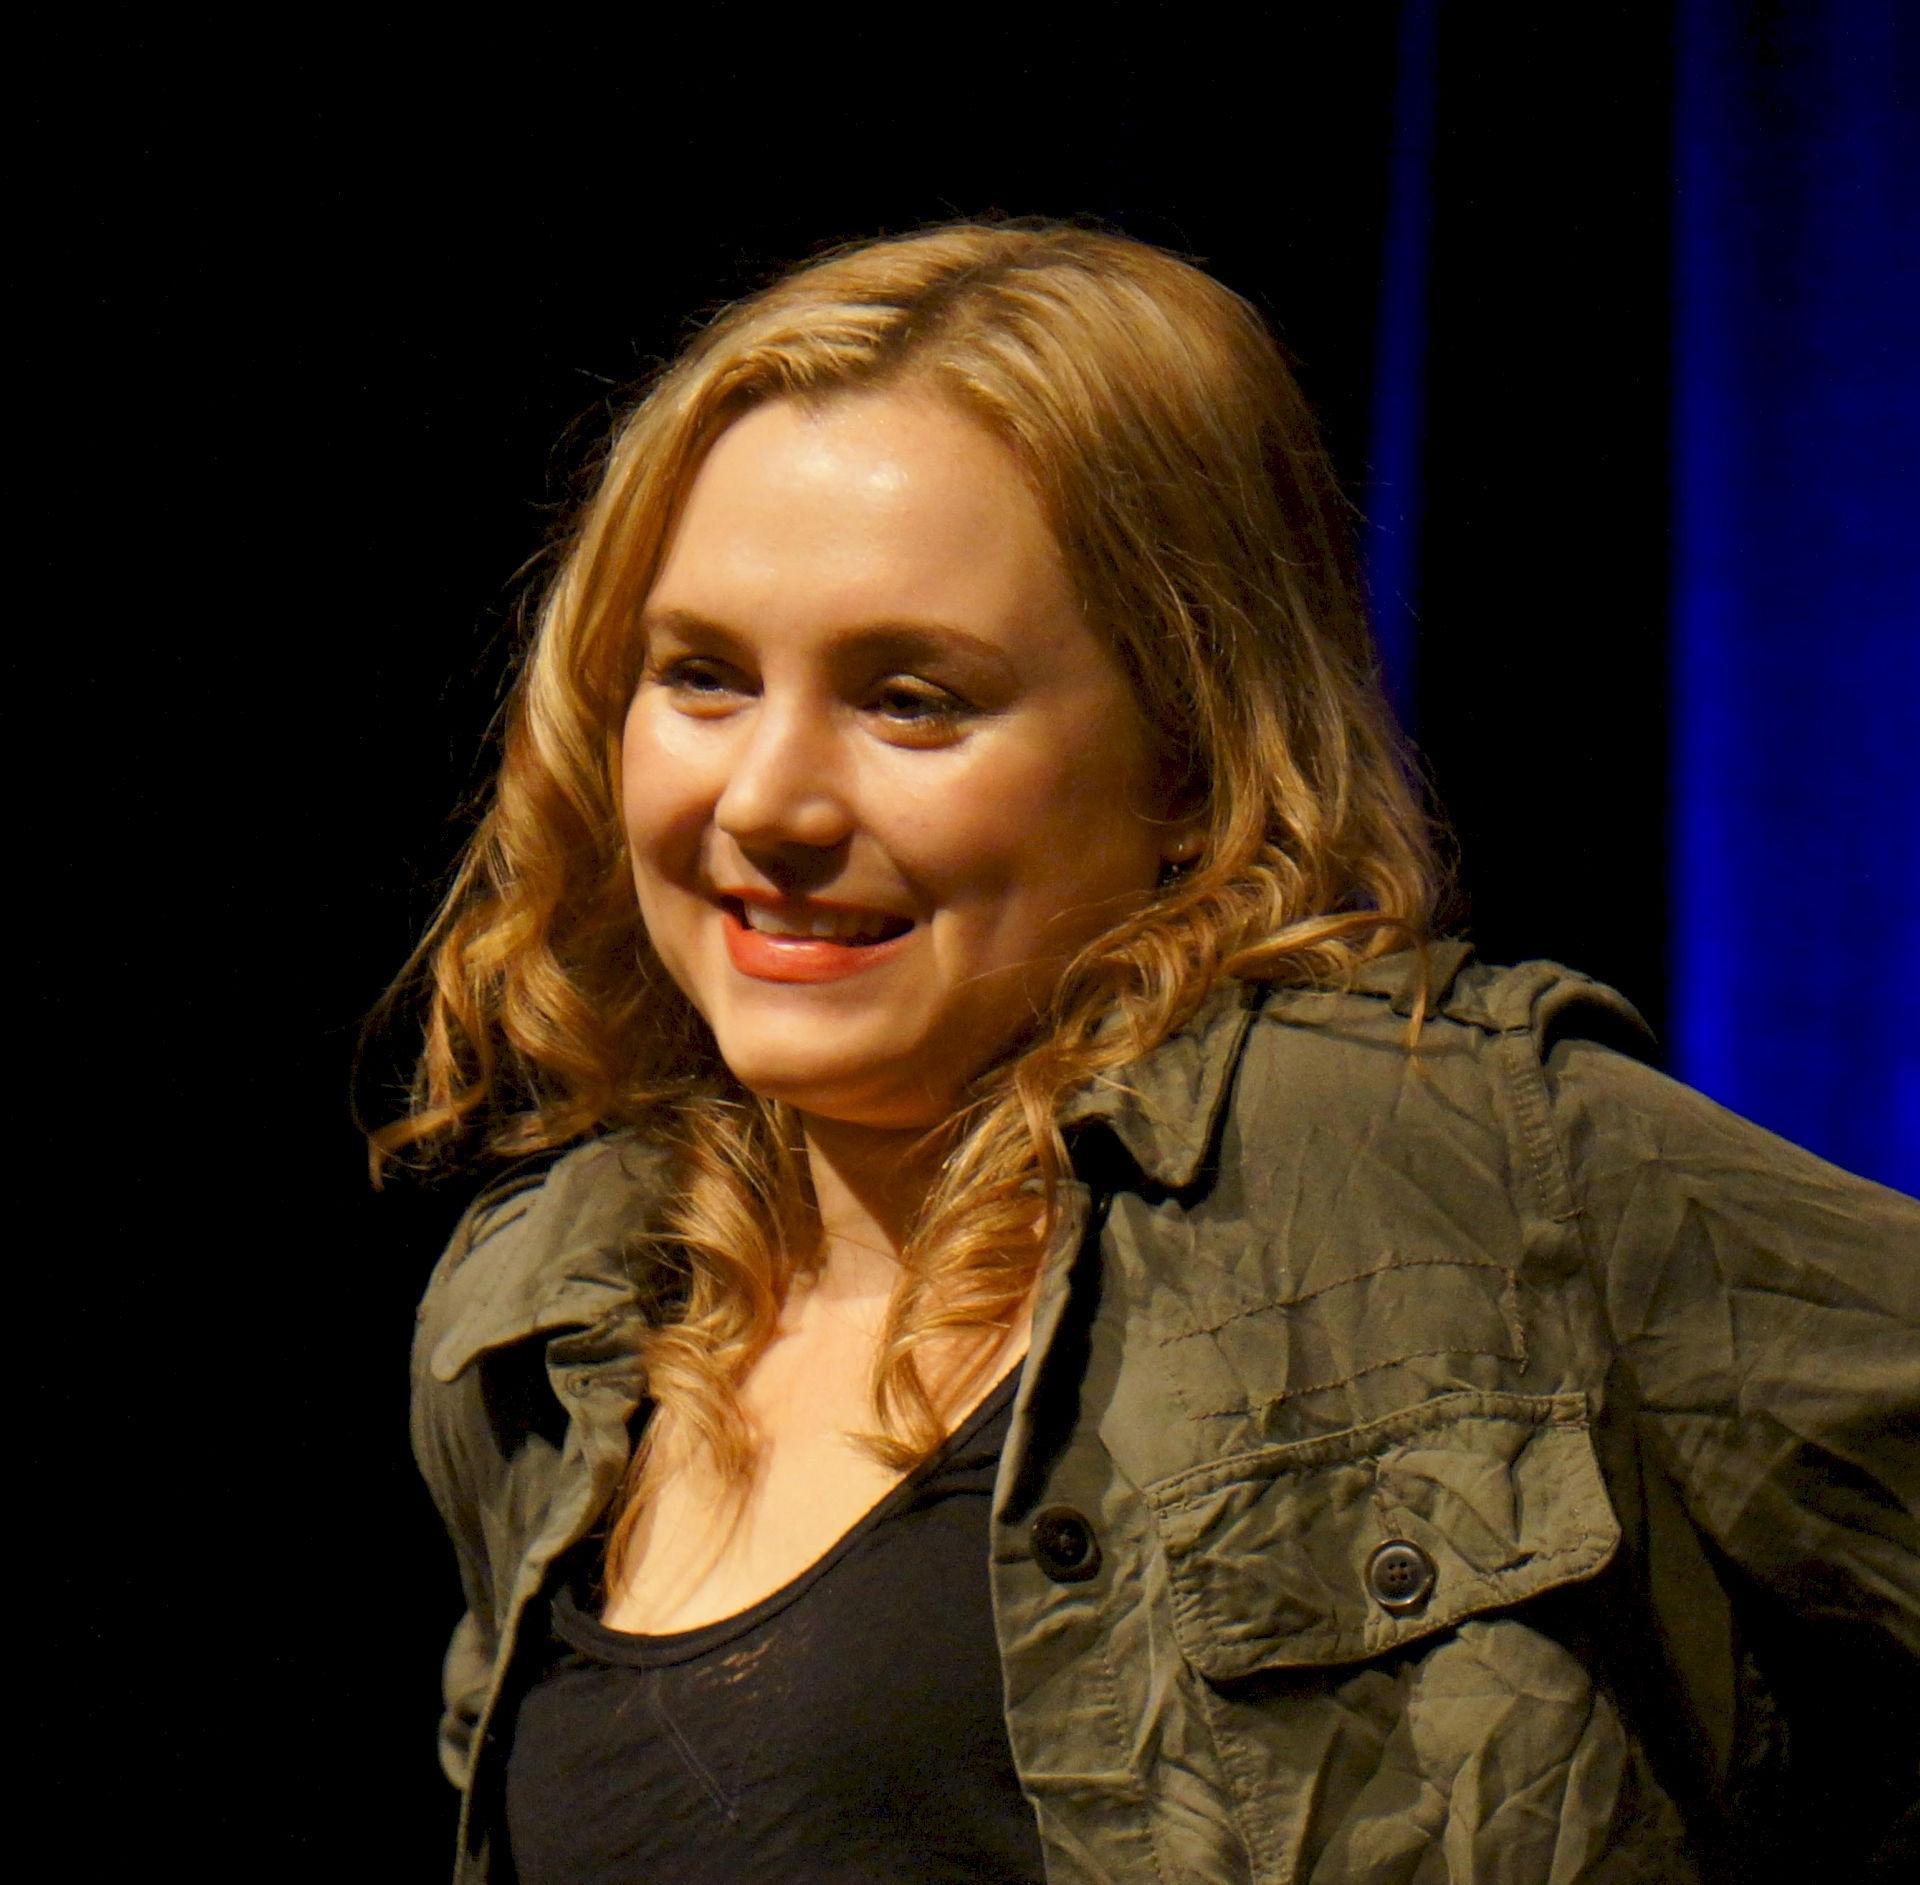 Photo of Rachel Miner: American actress